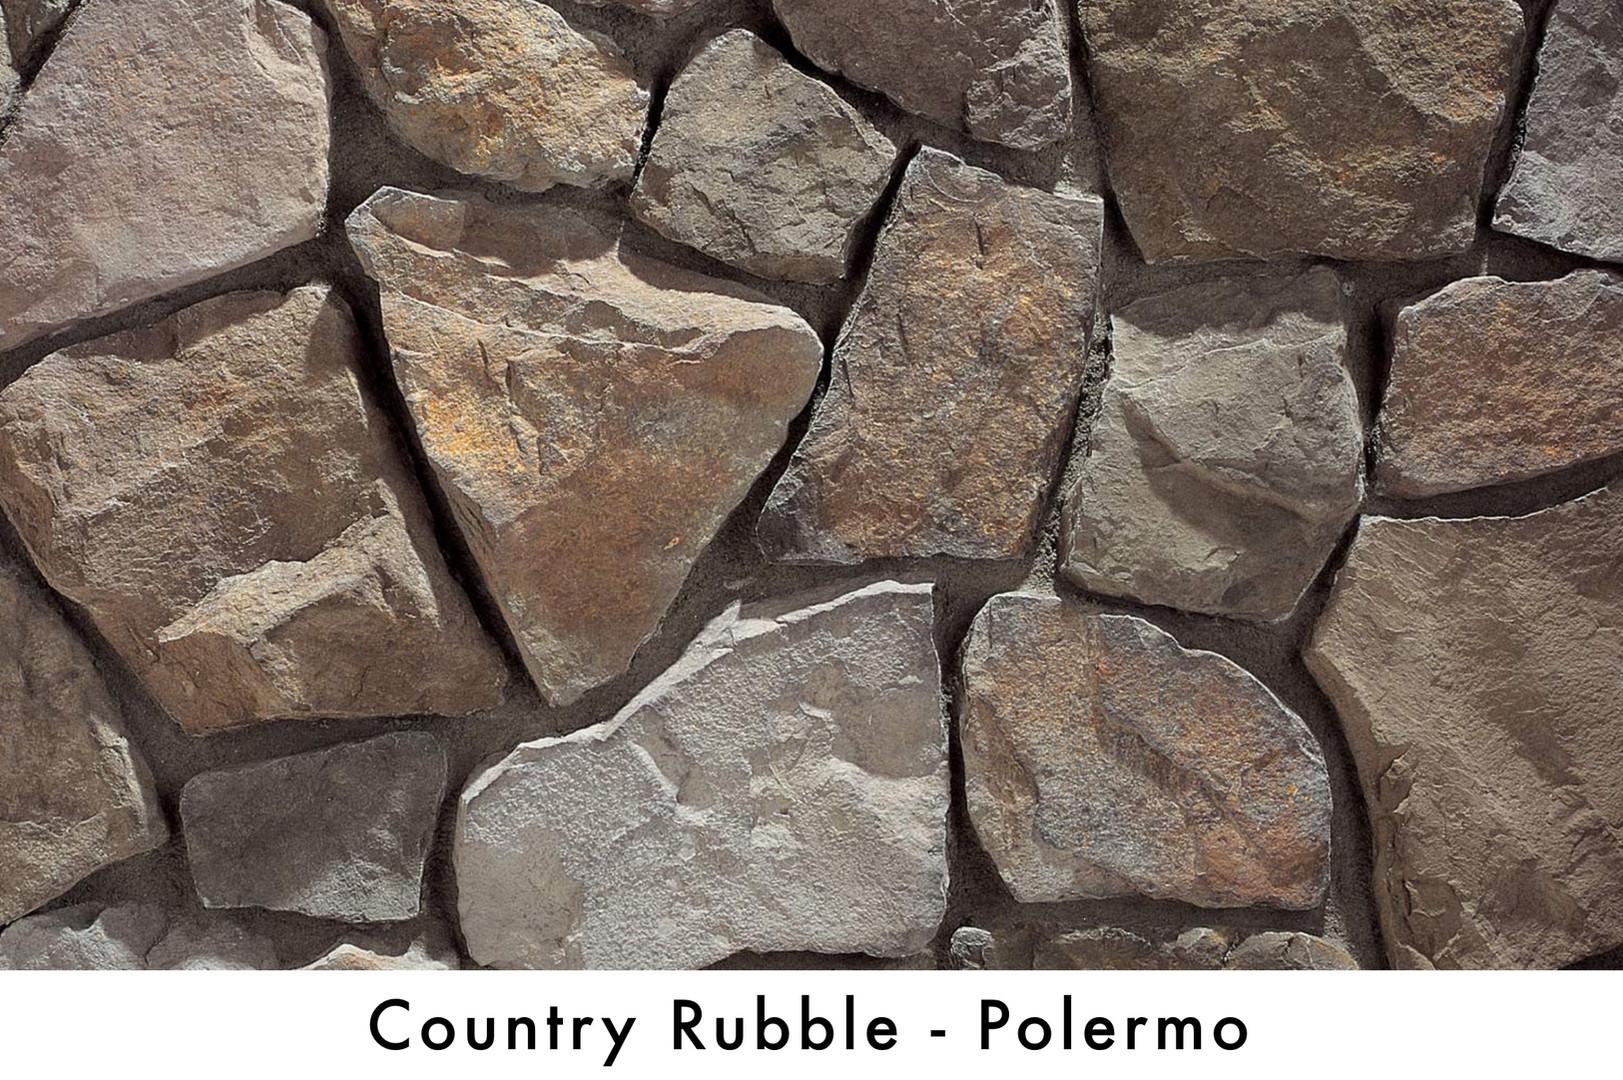 CountryRubble - Polermo